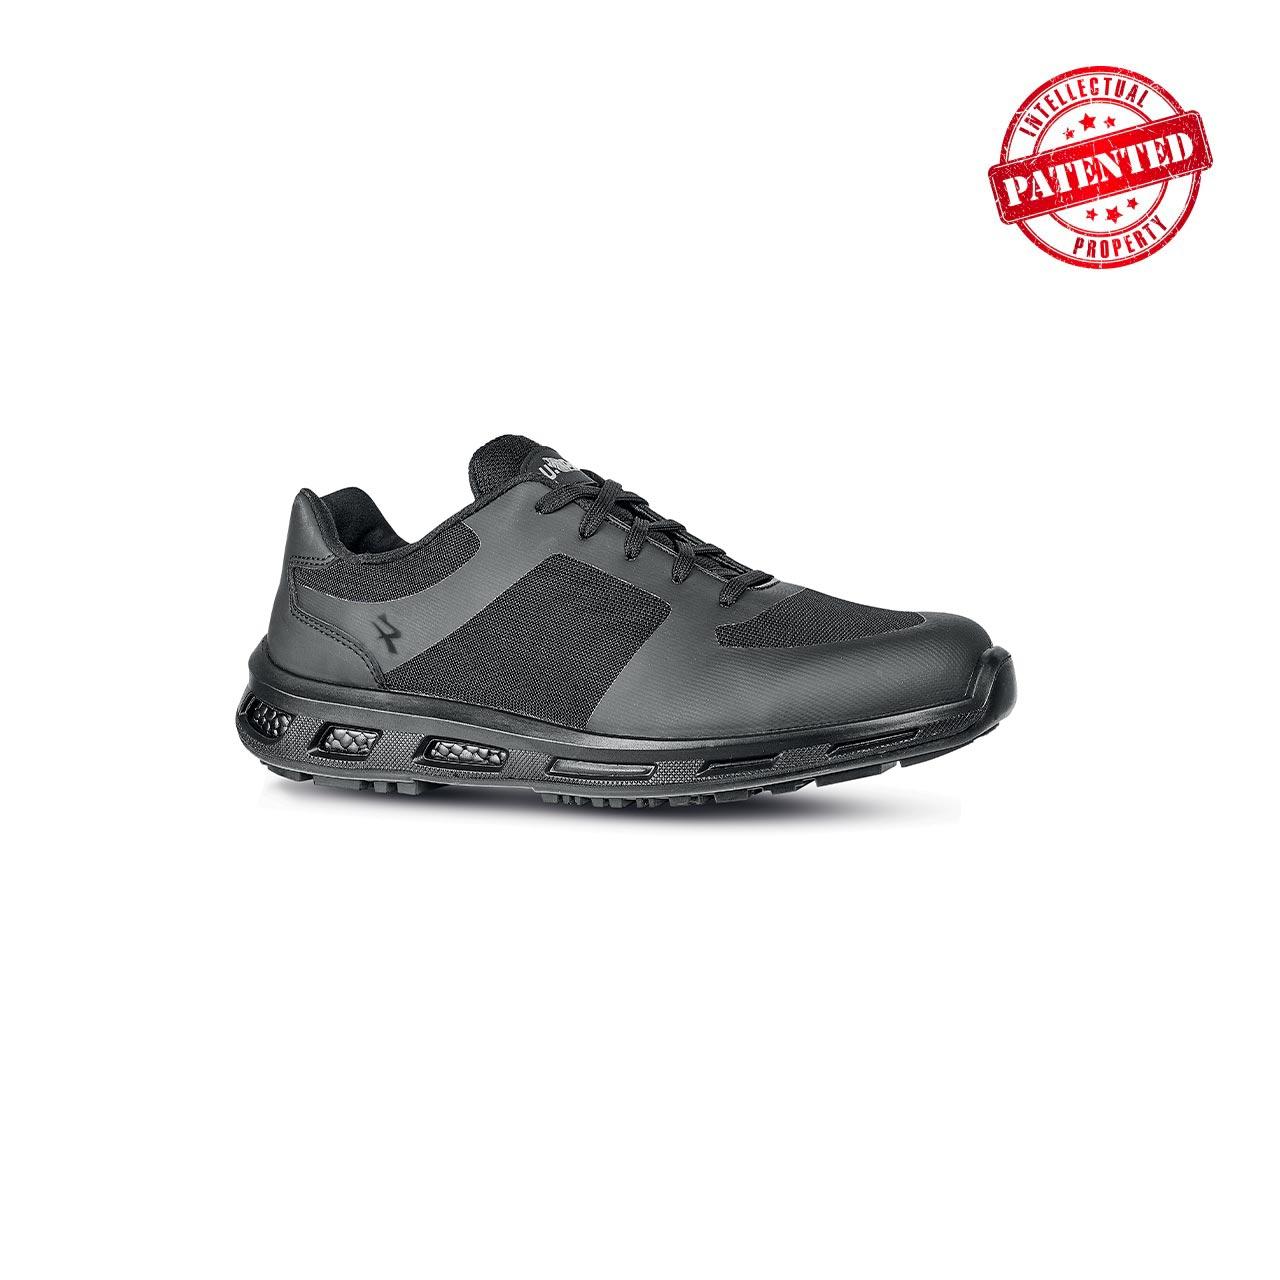 scarpa antinfortunistica upower modello foreman linea redpro vista laterale